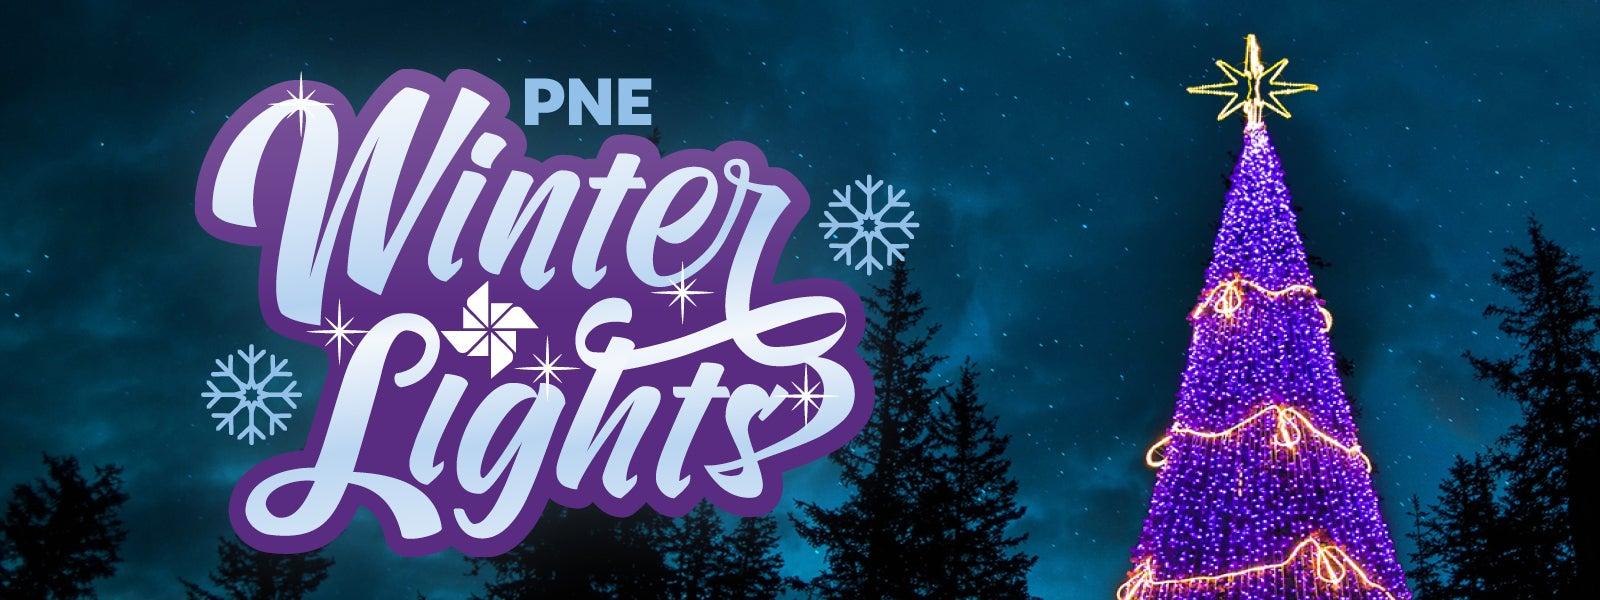 PNE WinterLights